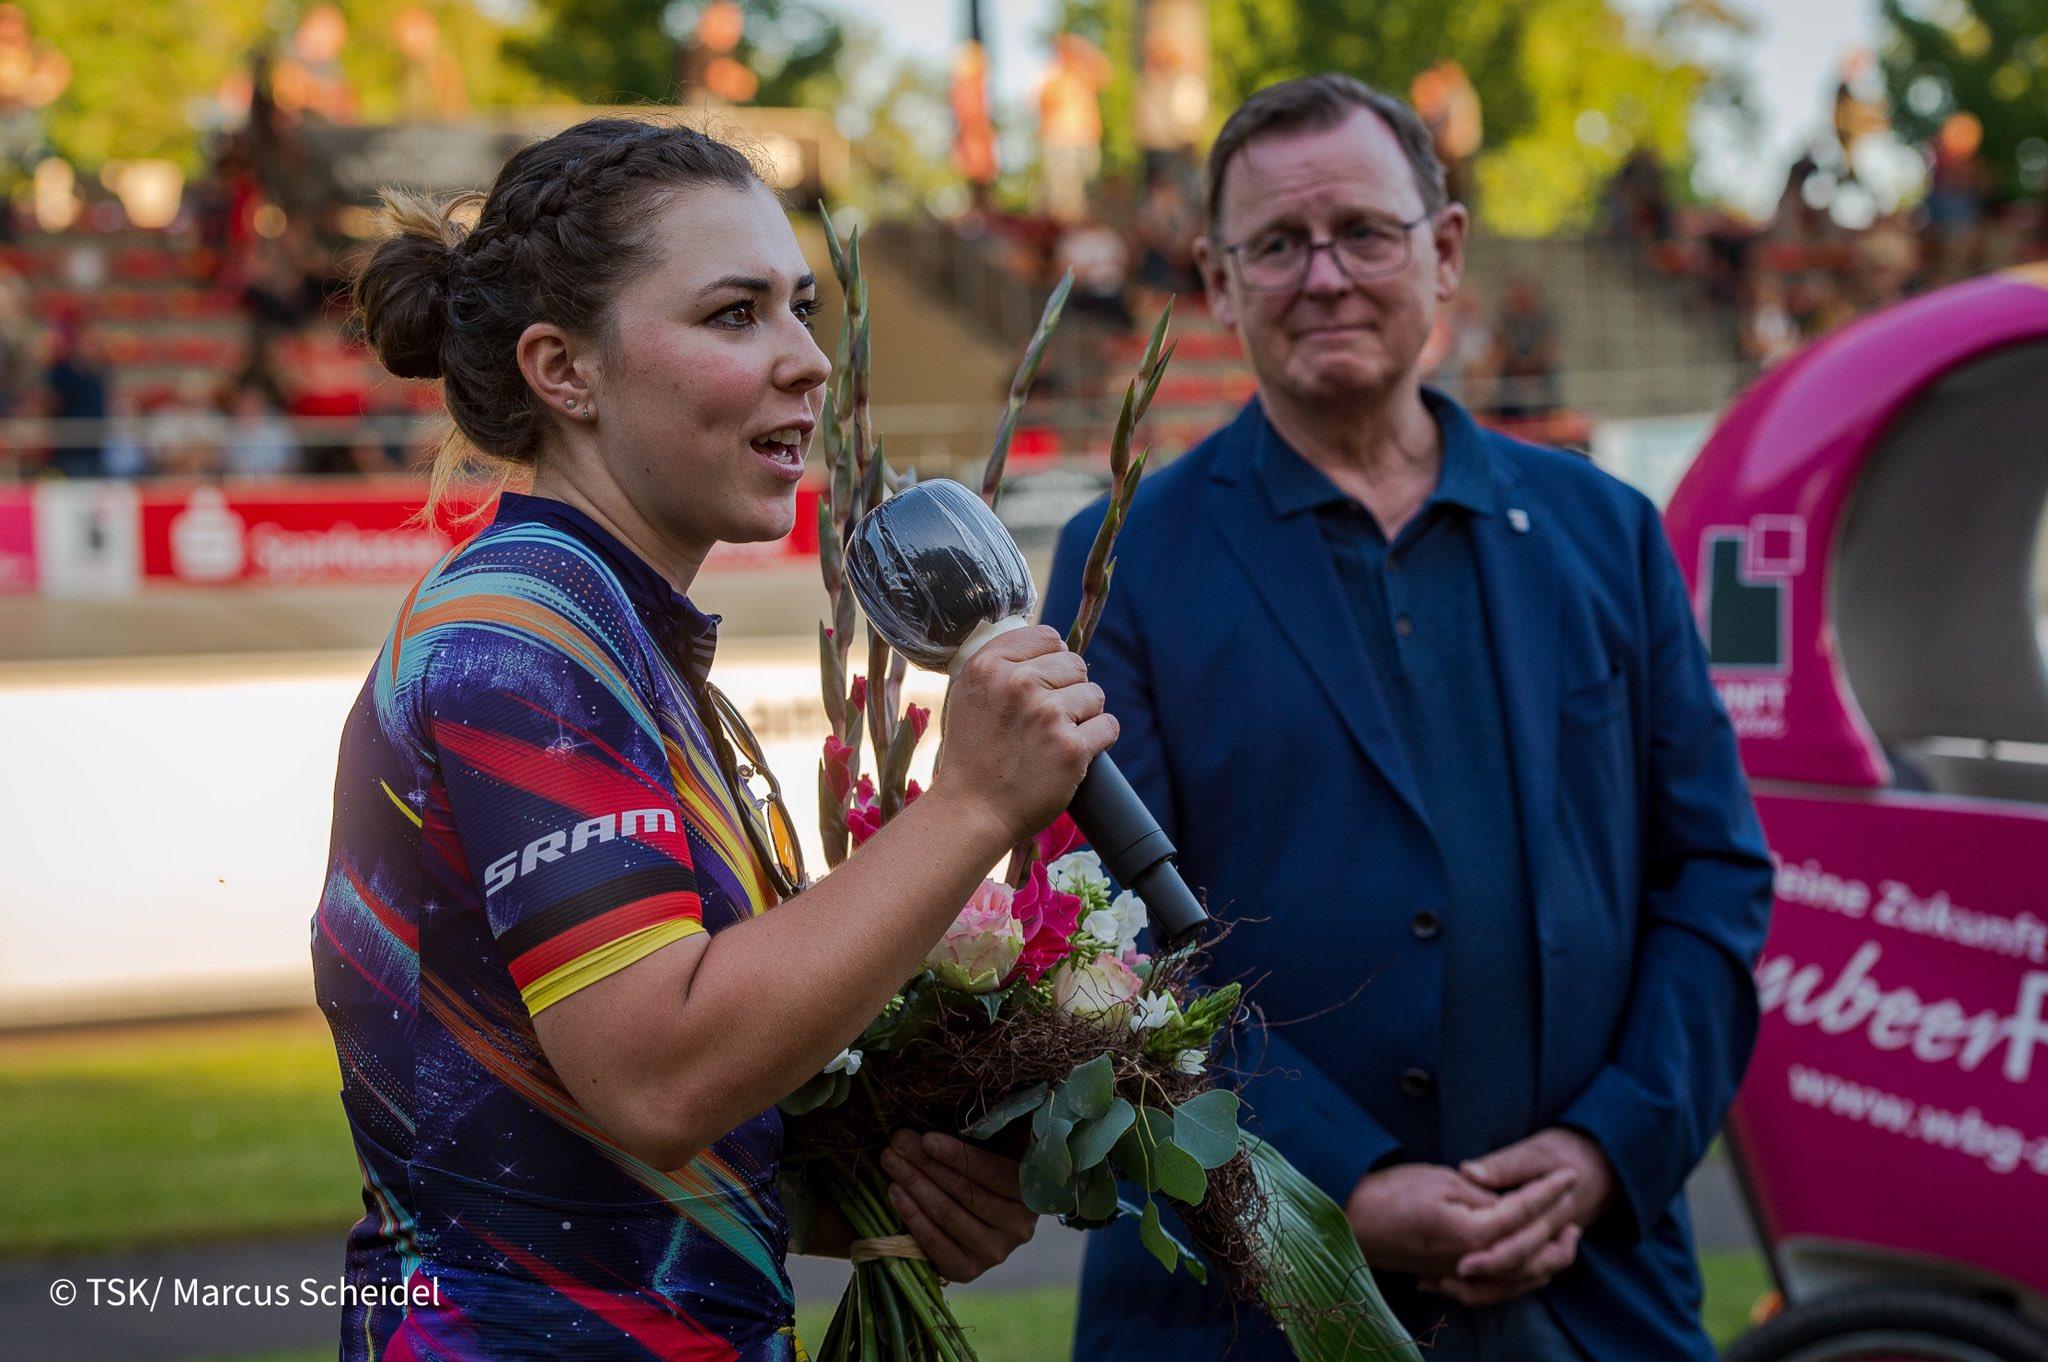 Ministerpräsident Bodo Ramelow ehrte die diesjährige Olympiasiegerin Lisa Klein beim 2. Erfurter Steherrennen 2021 auf der Rennbahn Andreasried.